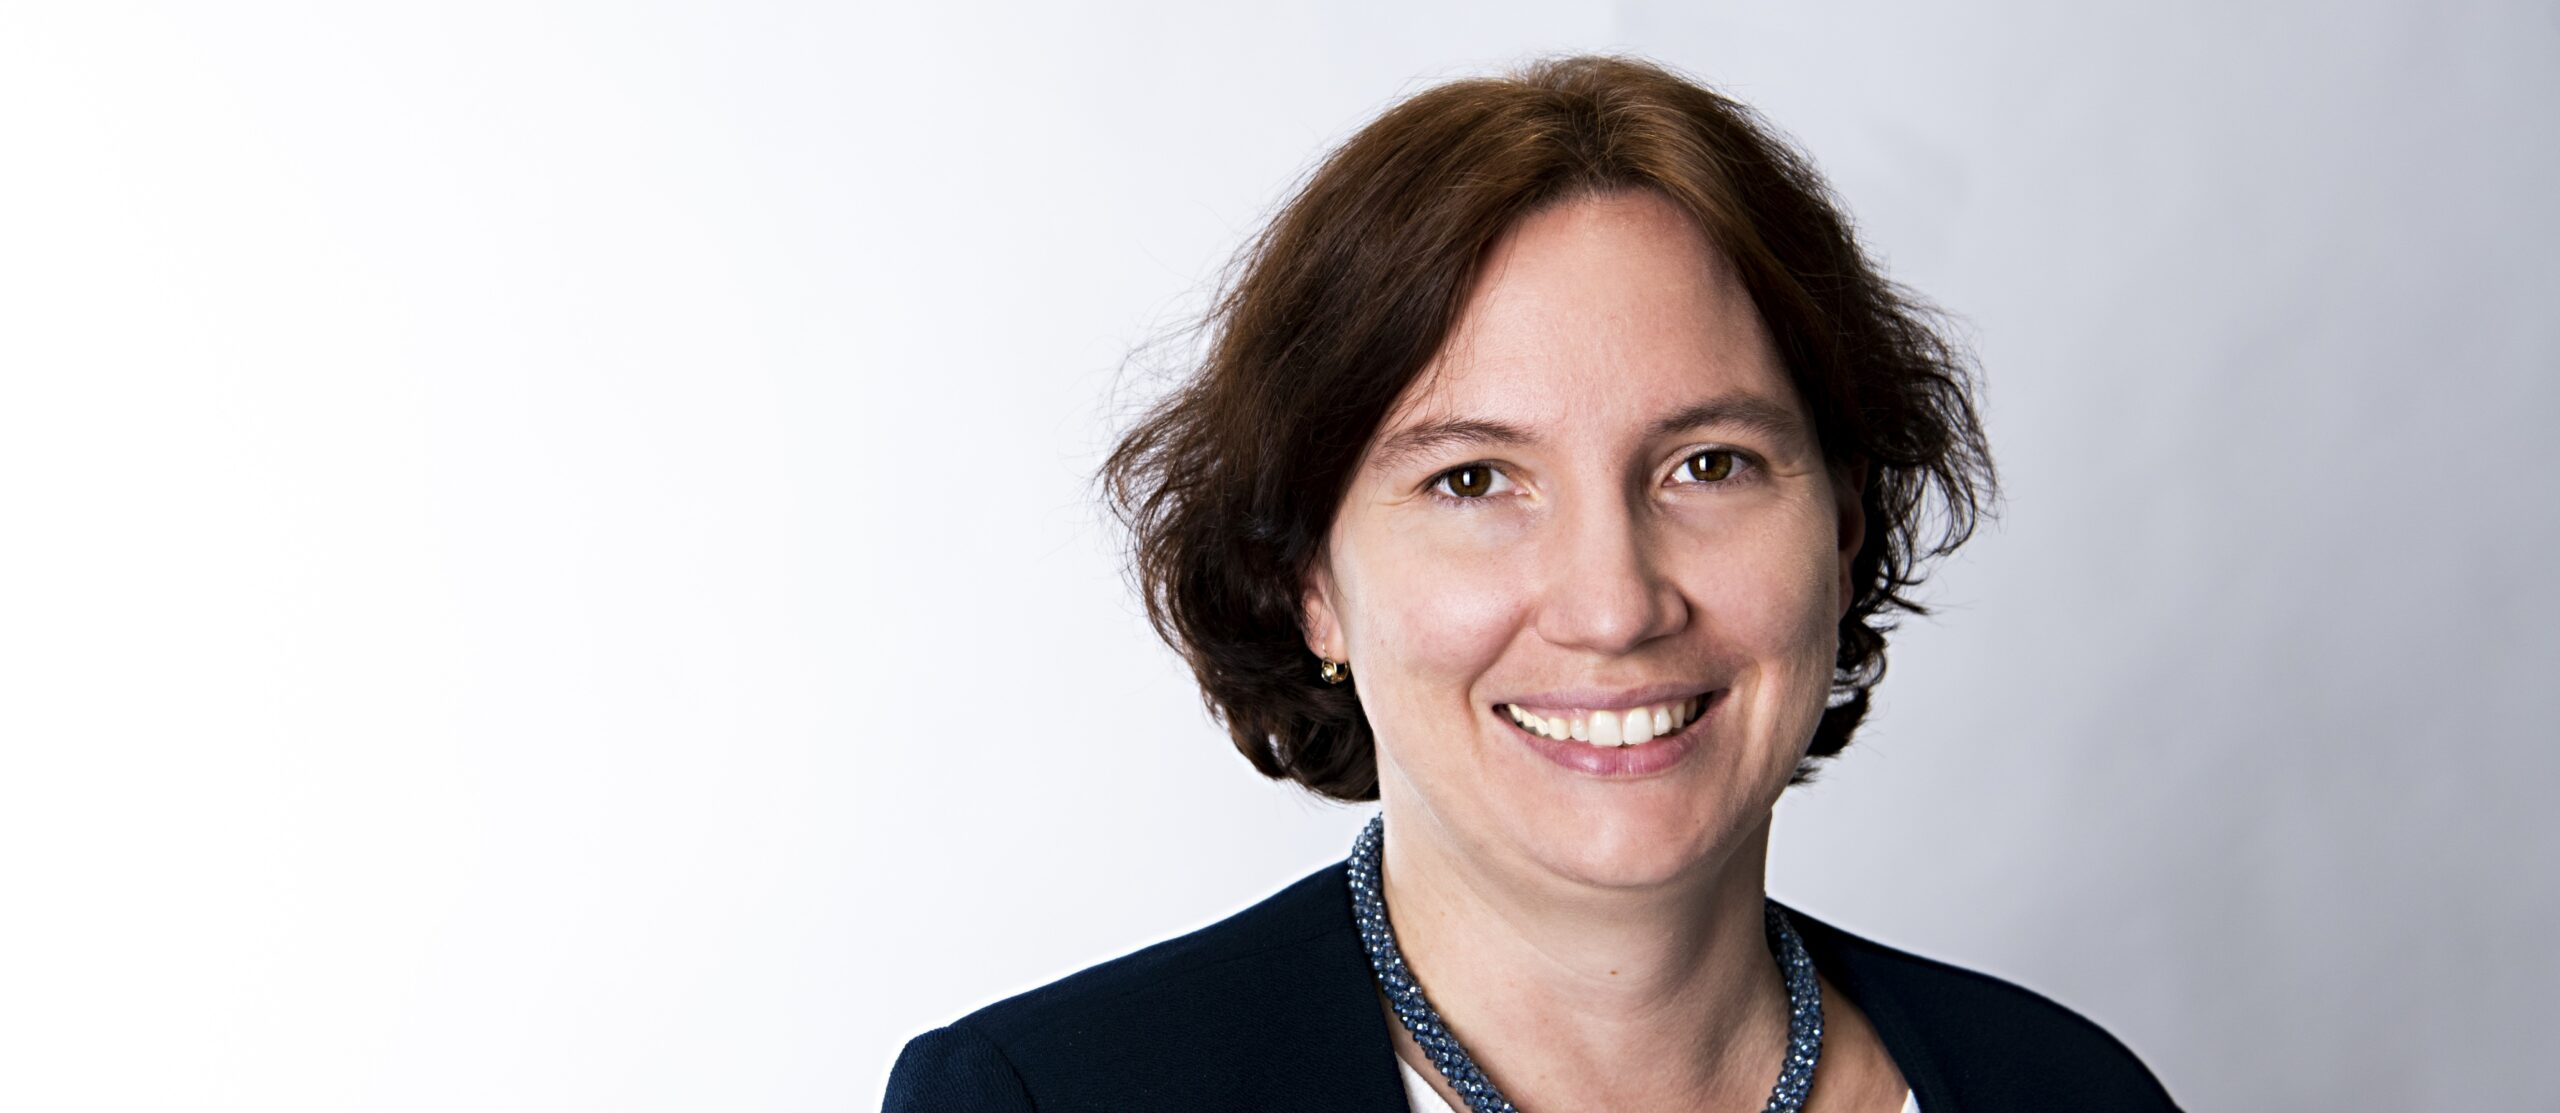 Foto: Birgit Würth, Steuerexpertin bei Mazars Austria © Mazars Austria